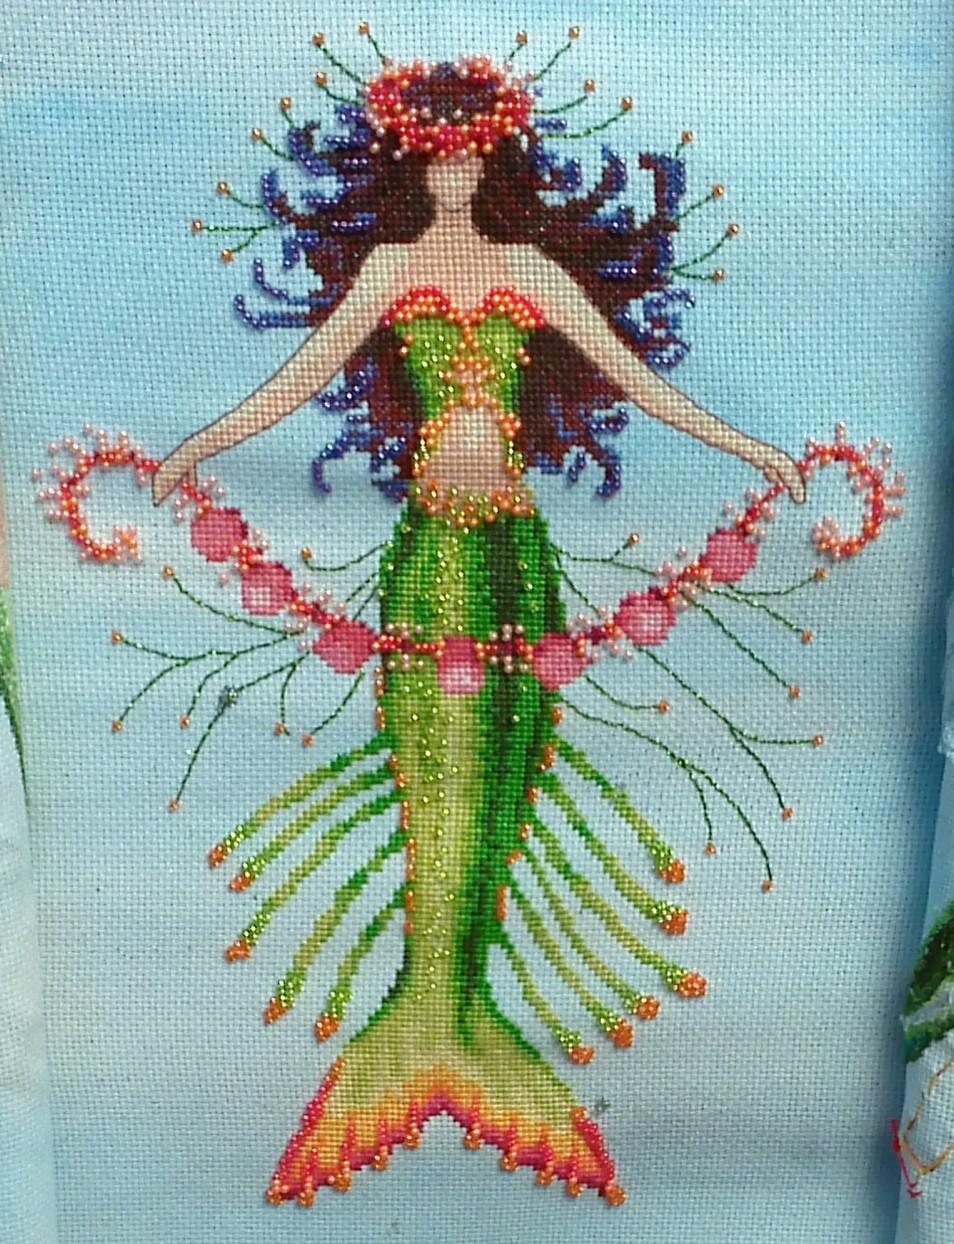 Mermaid Coral Charms is AllBeaded